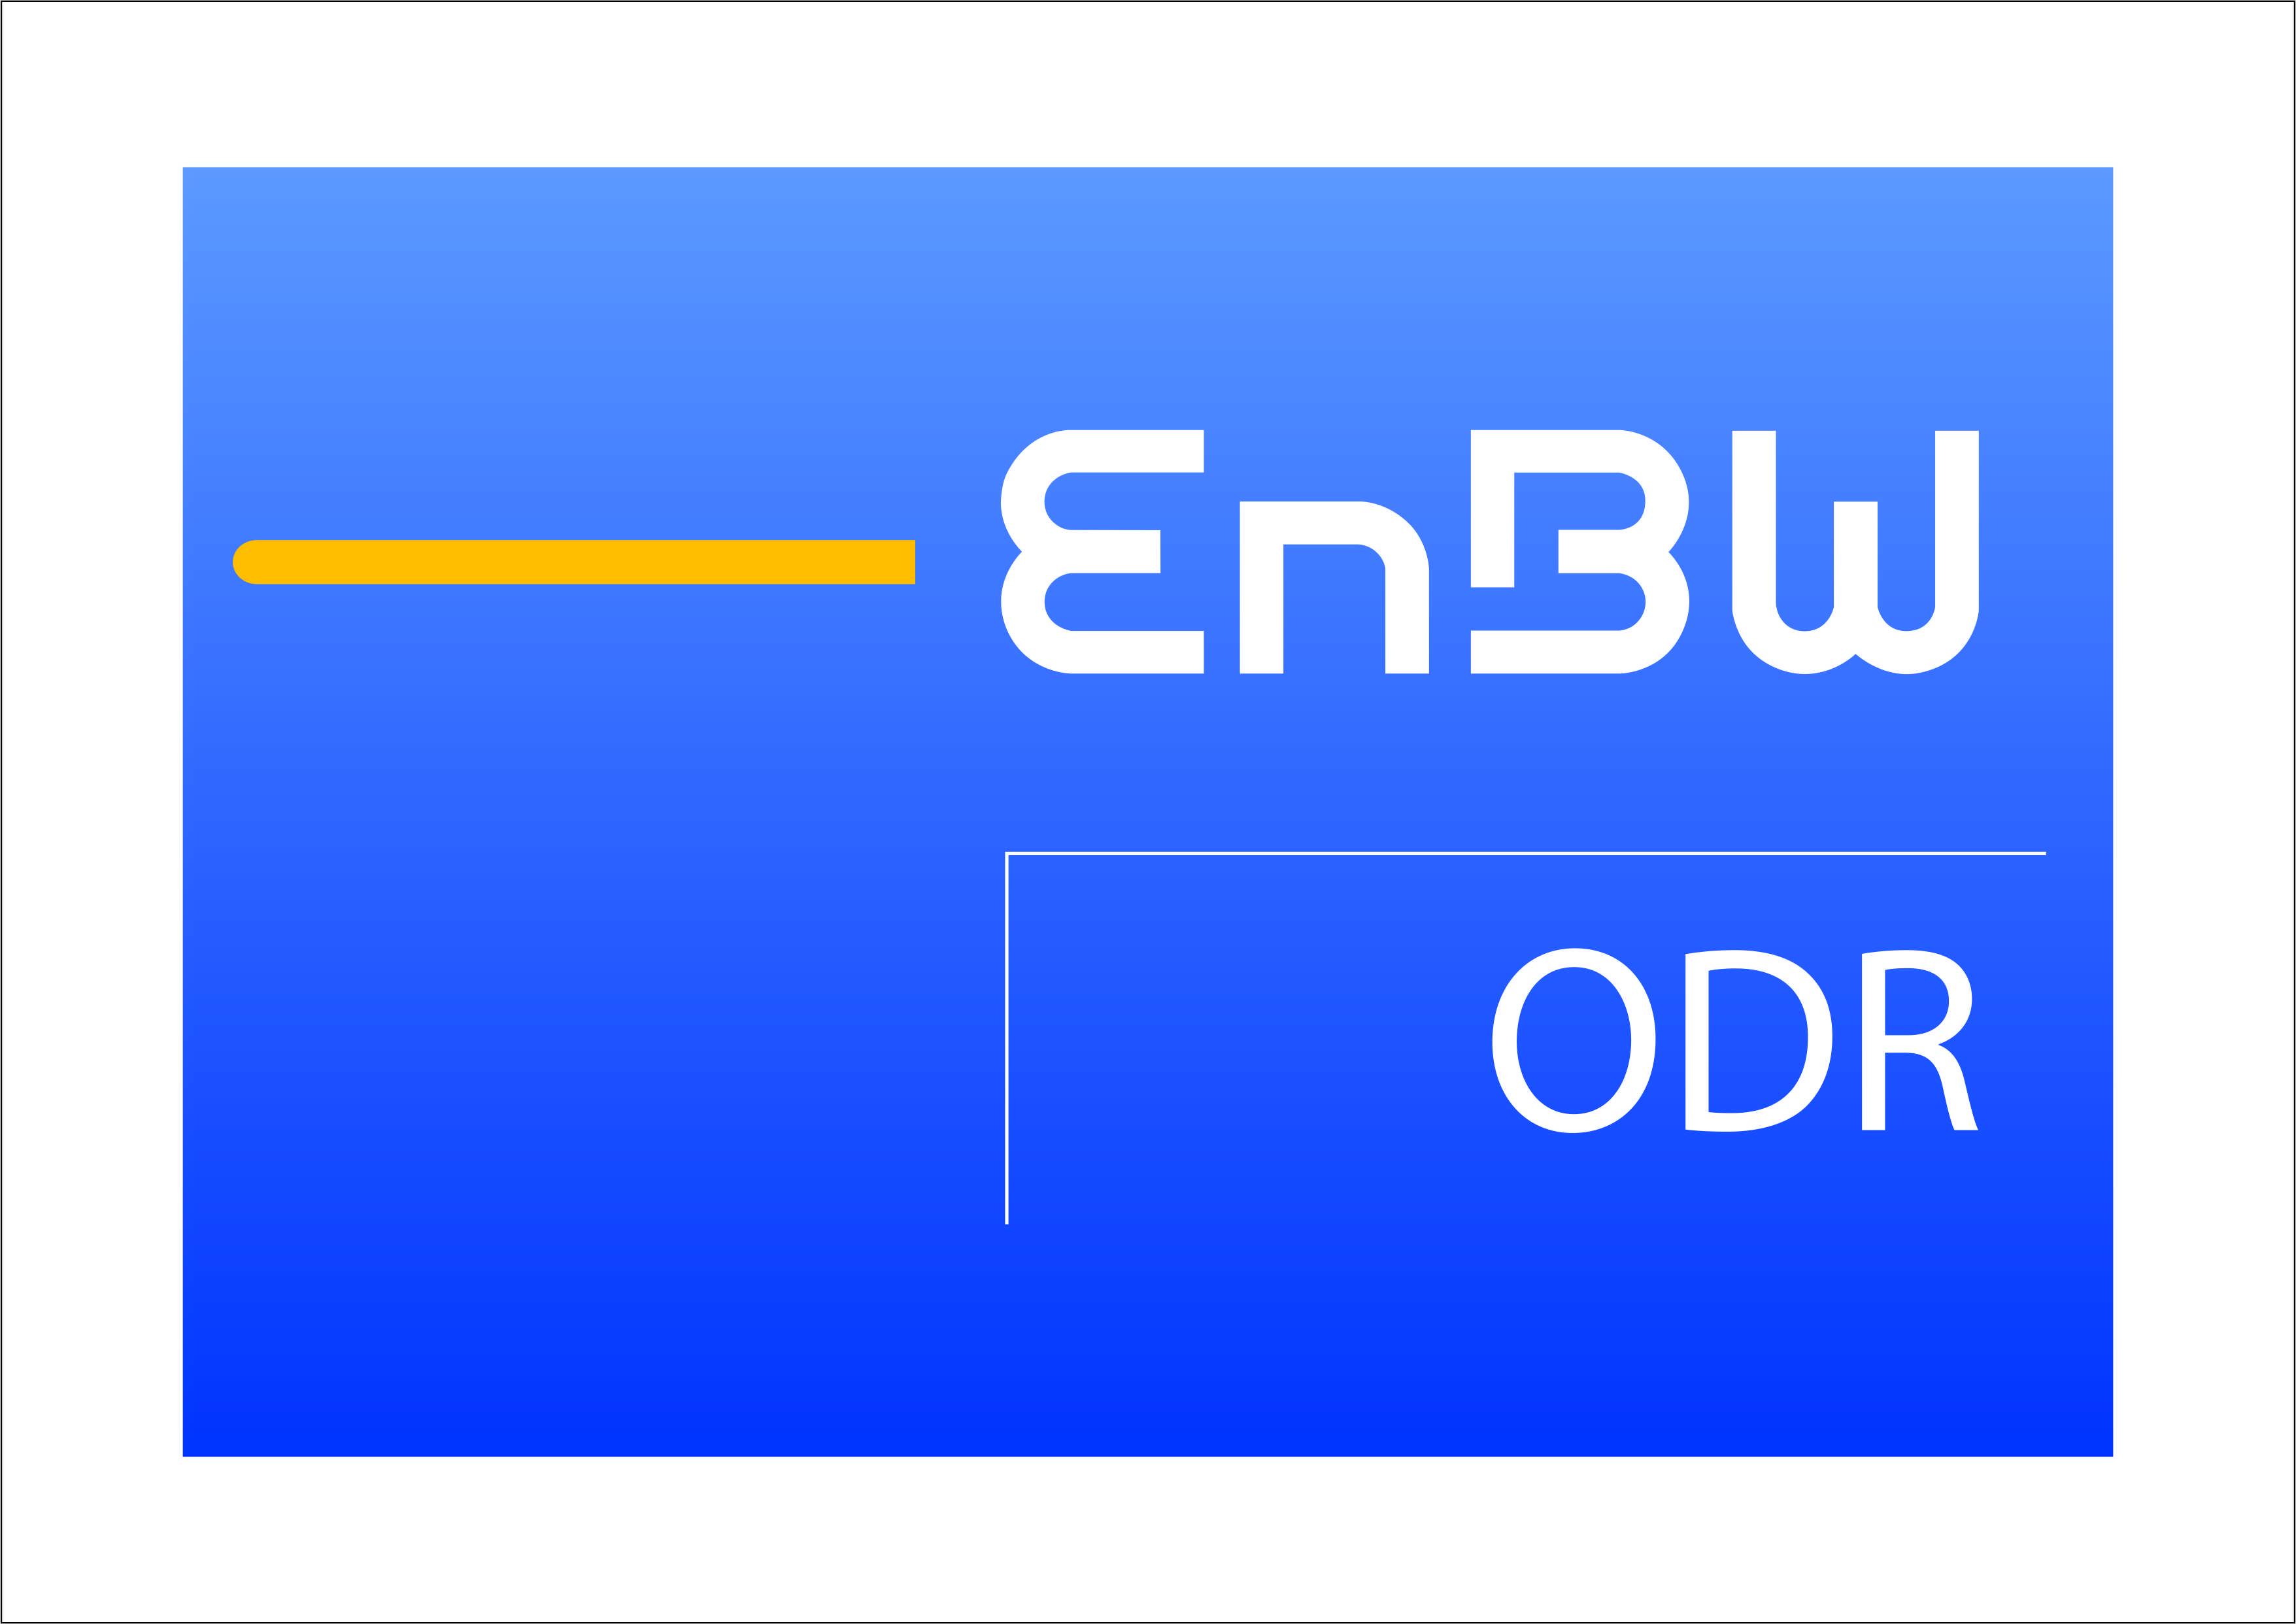 EnBW ODR